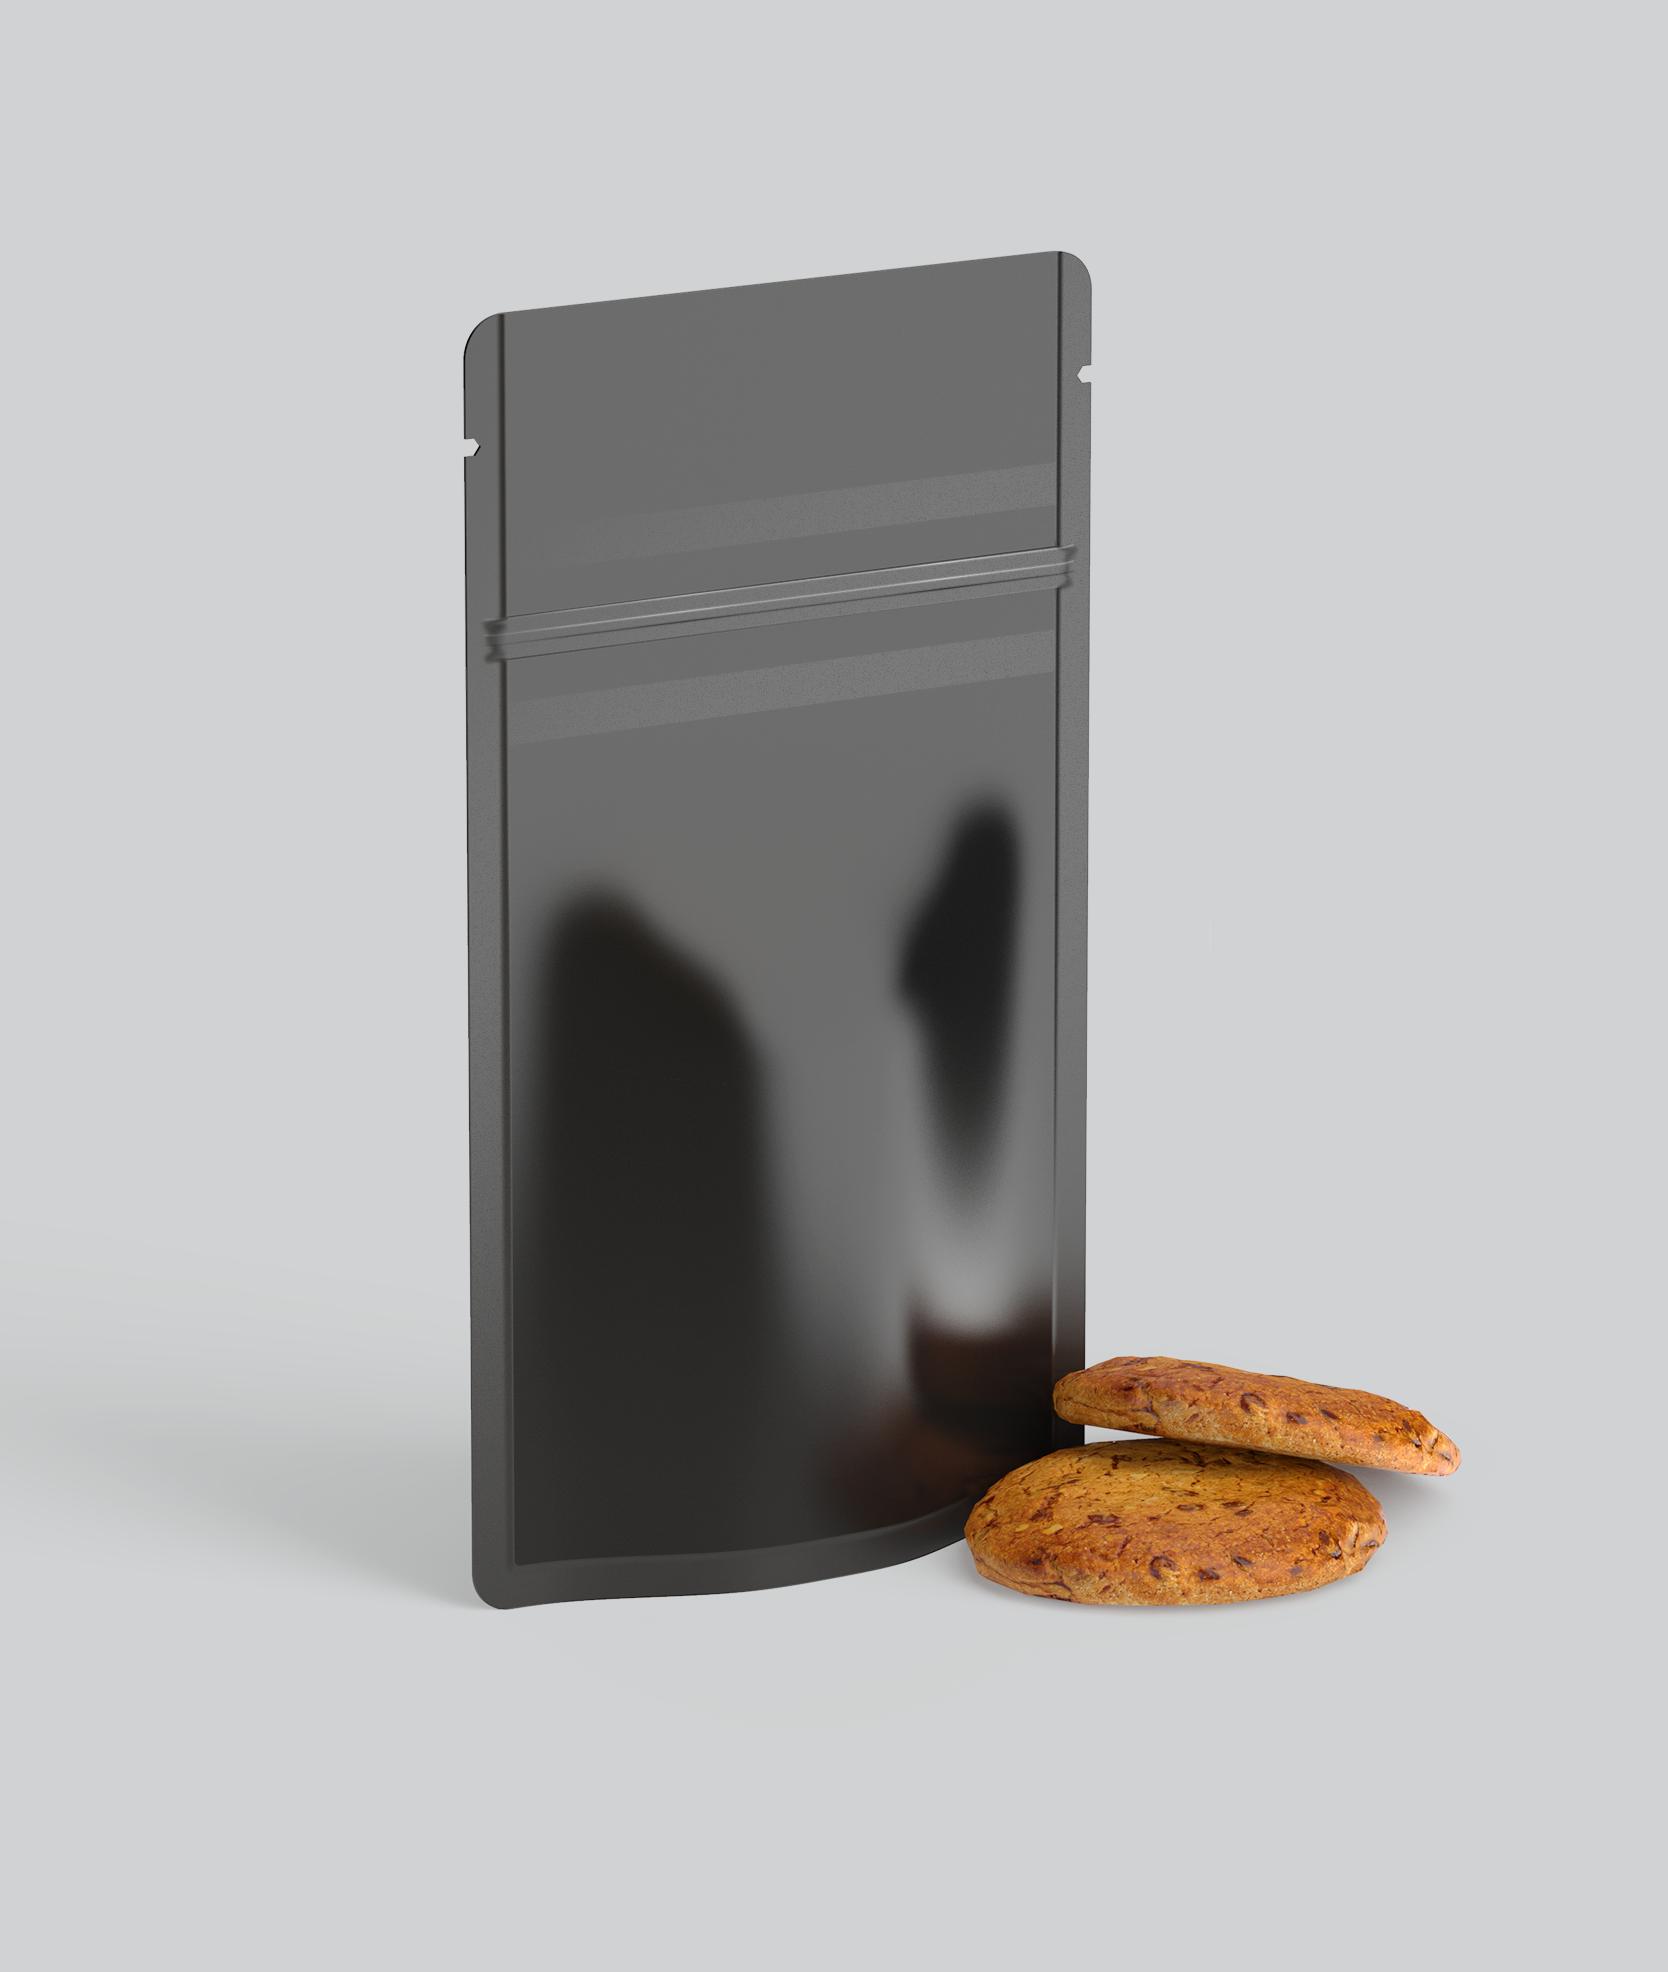 reddot-marijuana-edible-packaging